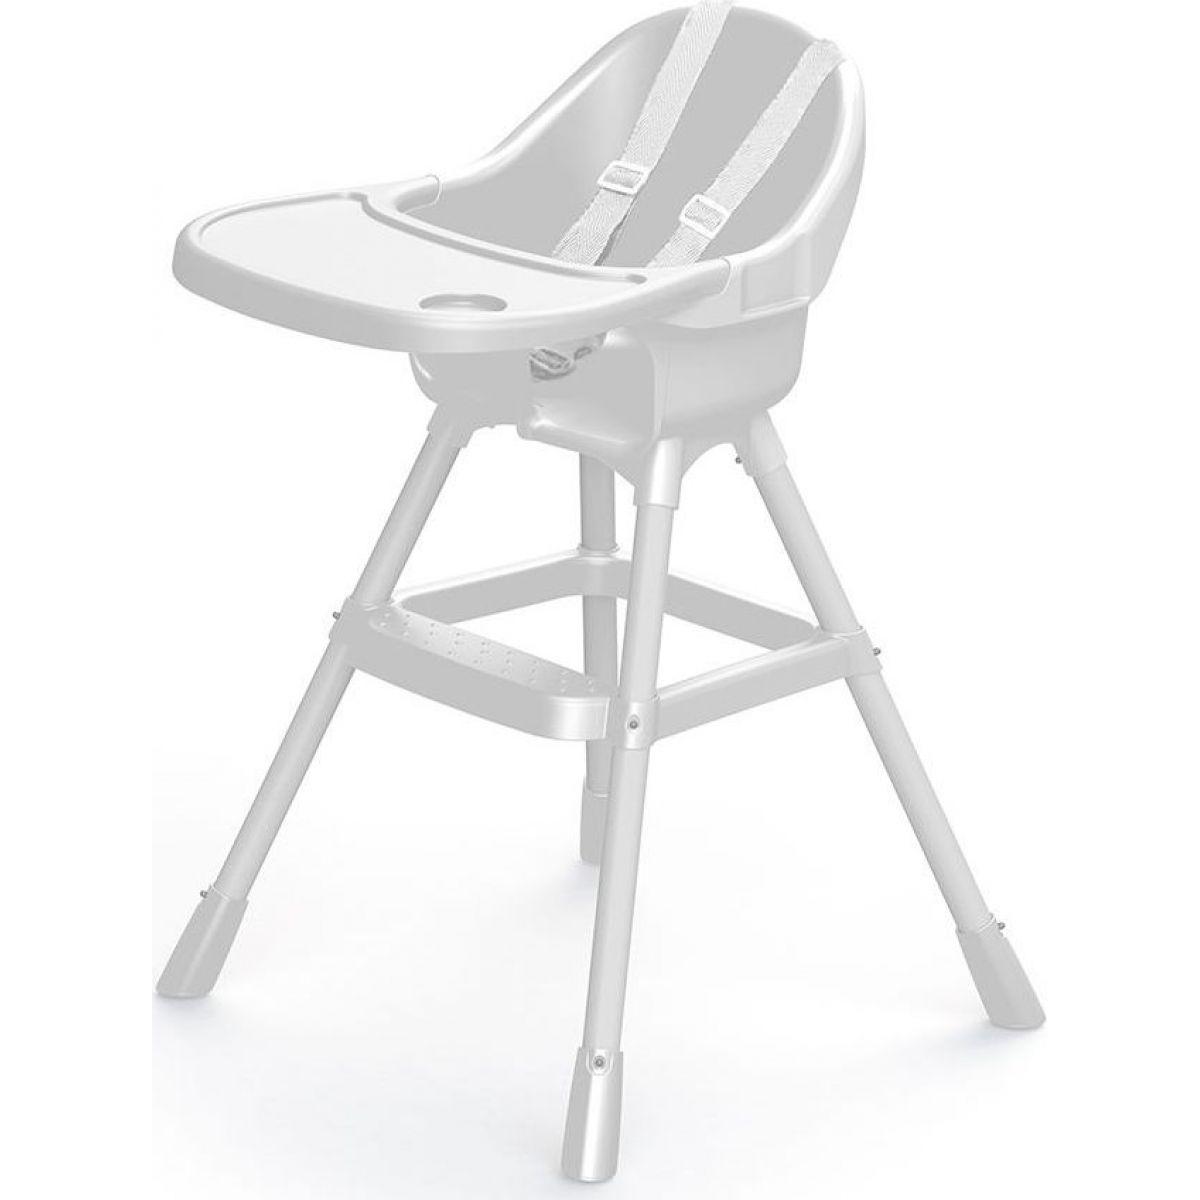 Dolu Detská jedálenská stolička biela